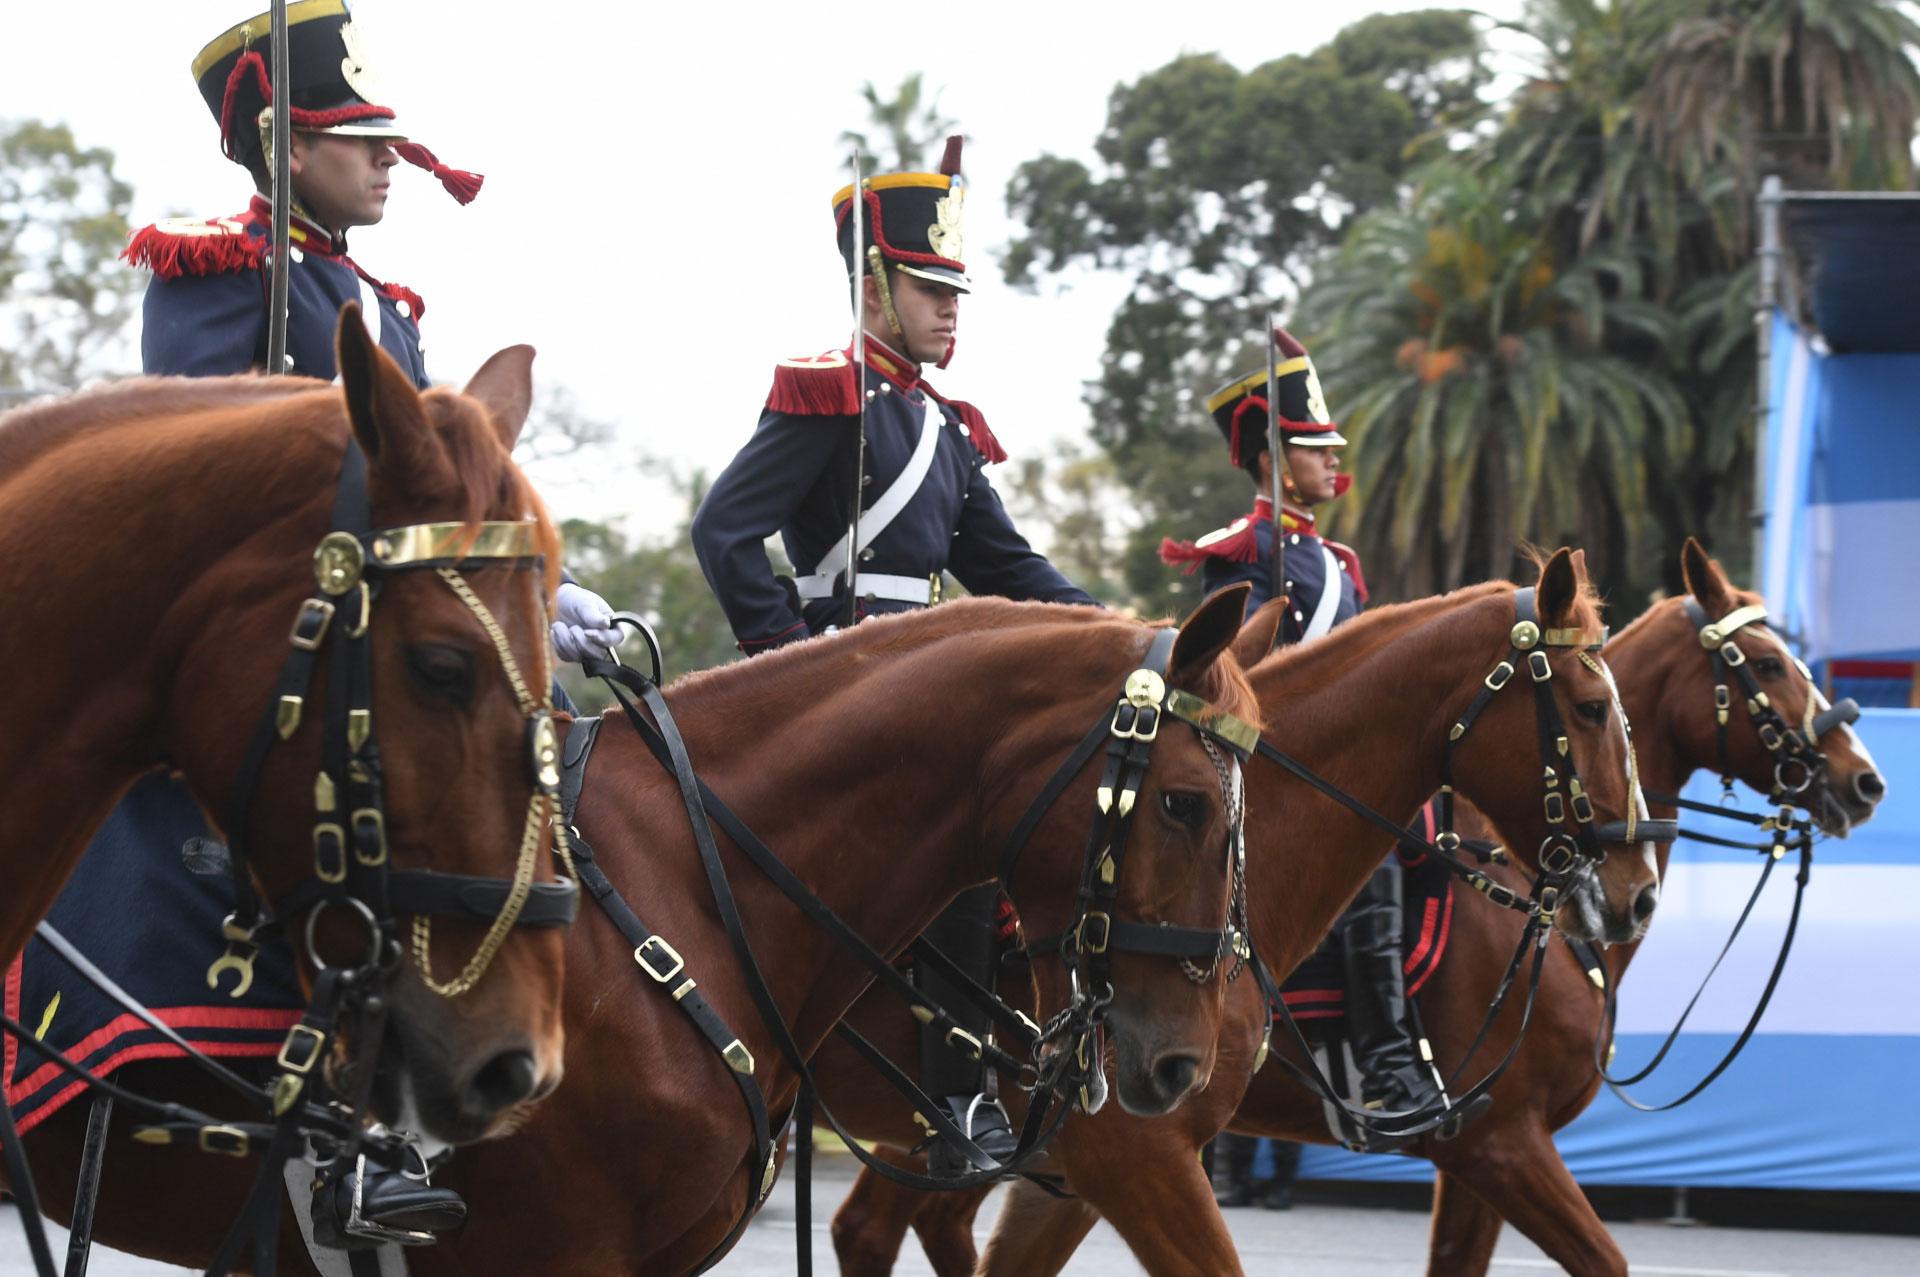 Del desfile forman parte veteranos de Guerra de Malvinas y miembros de fuerzas de seguridad extranjeras